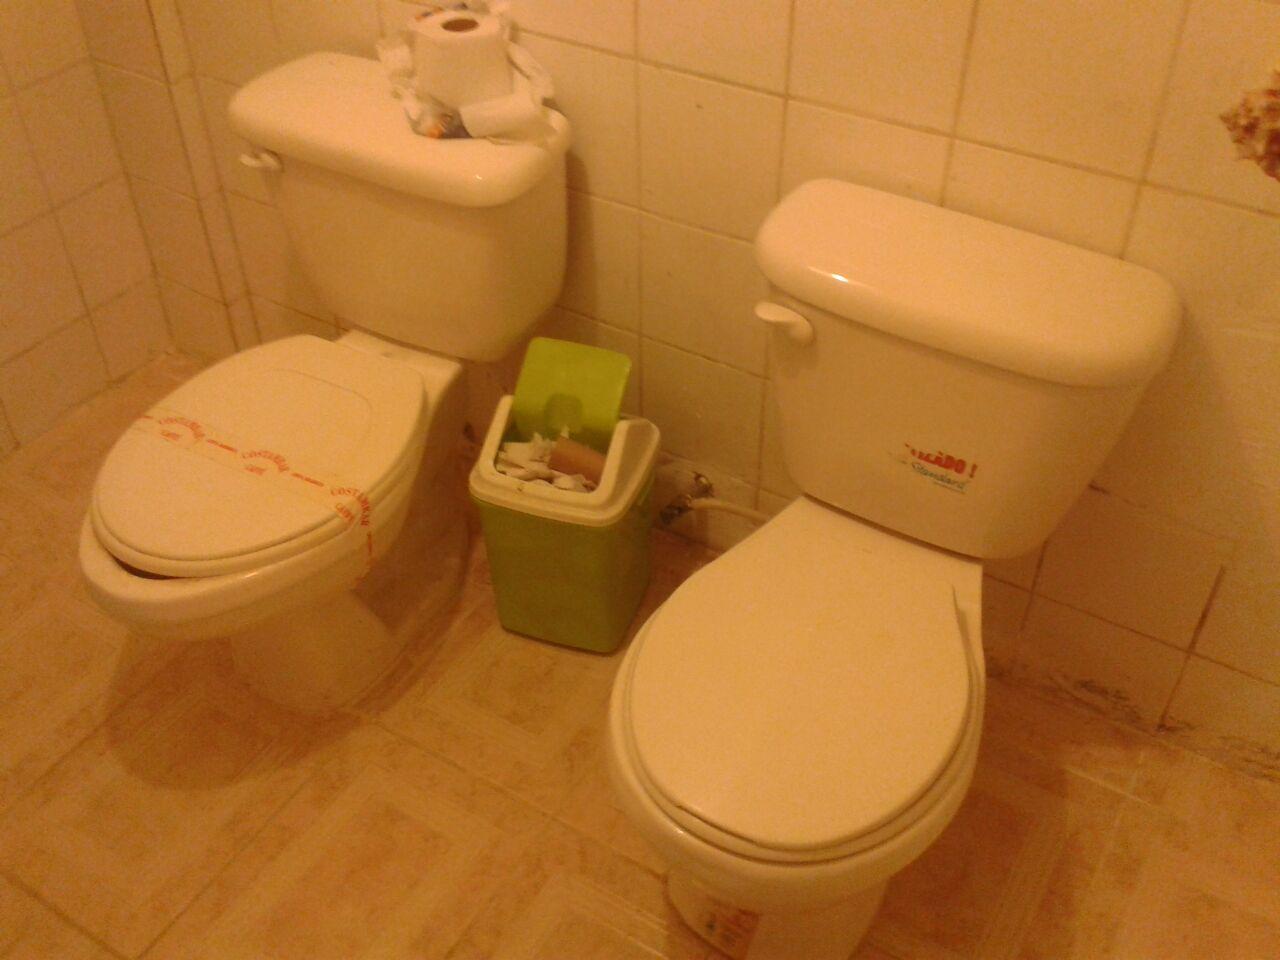 cagando por el mundo, horror de baños, asco de baños. mierda de baños, cagar juntos, baños del mundo